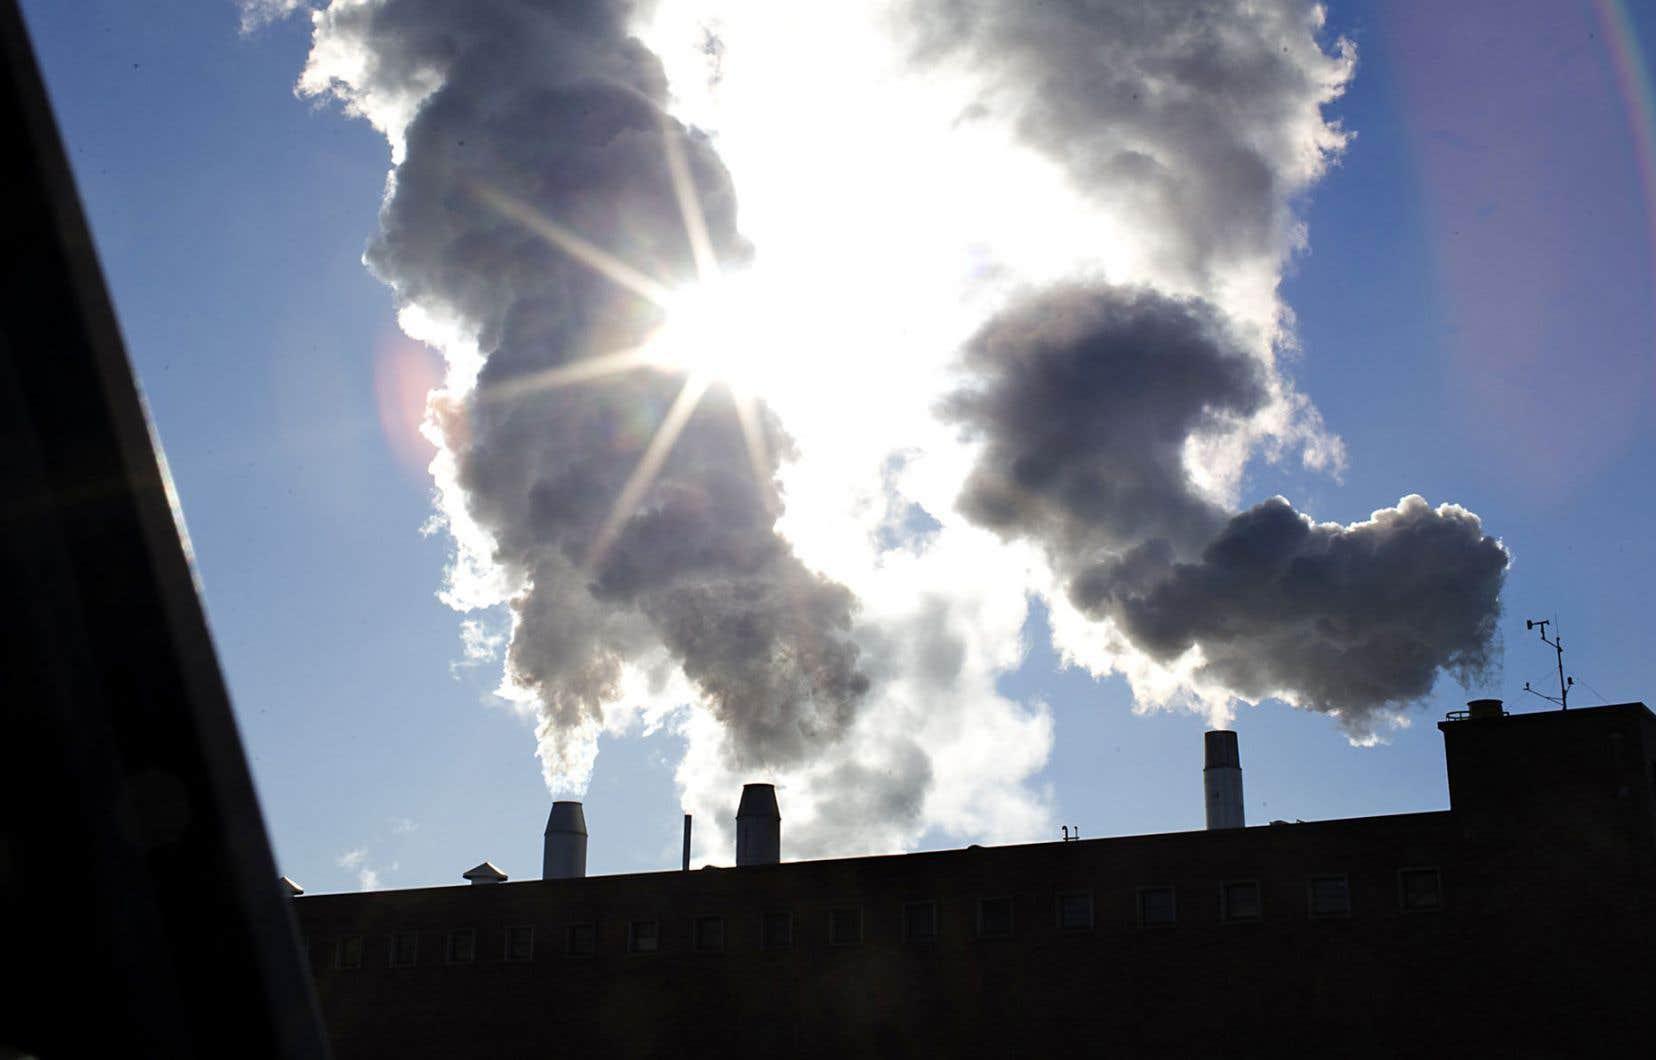 Crée en 2006, le Fonds vert perçoit des milliers dollars perçus notamment par l'entreprise d'une taxe sur l'essence de 4 cents le litre et de la vente d'unités d'émission de gaz à effet de serre pour les redistribuer dans des projets visant à réduire les émissions de gaz à effet de serre.